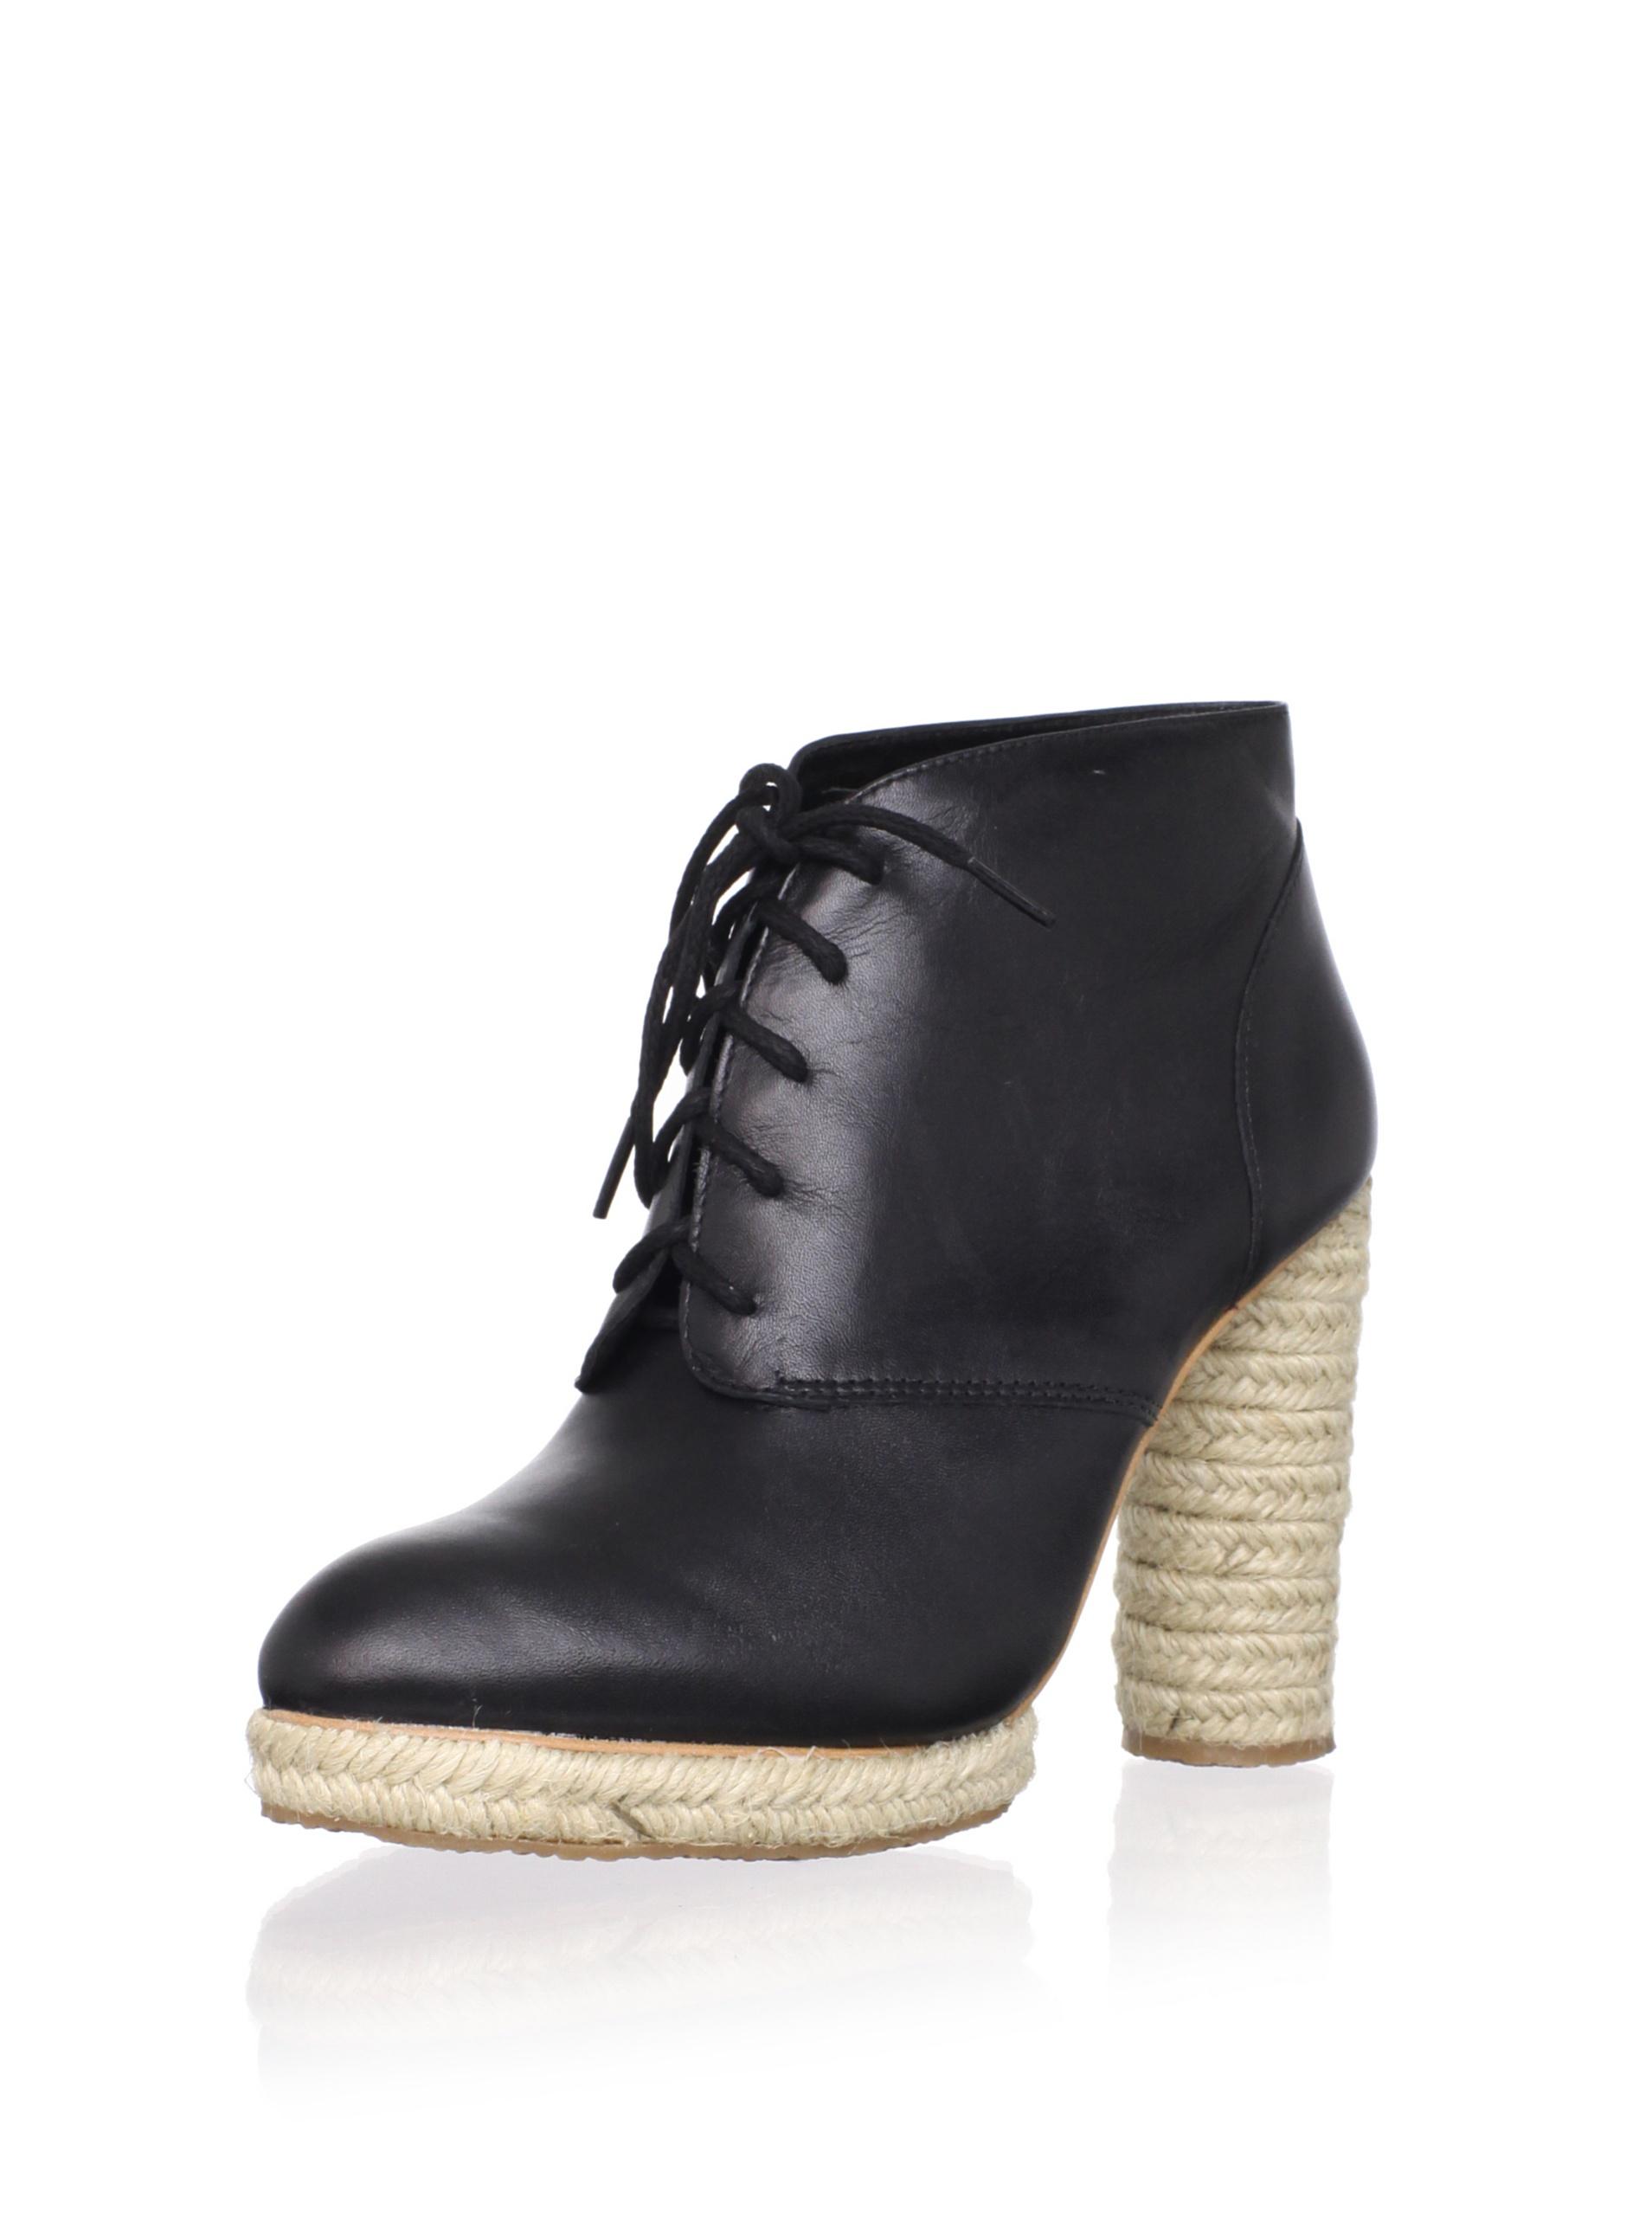 Loeffler Randall Women's Nadia Espadrille Ankle Boot (Black)